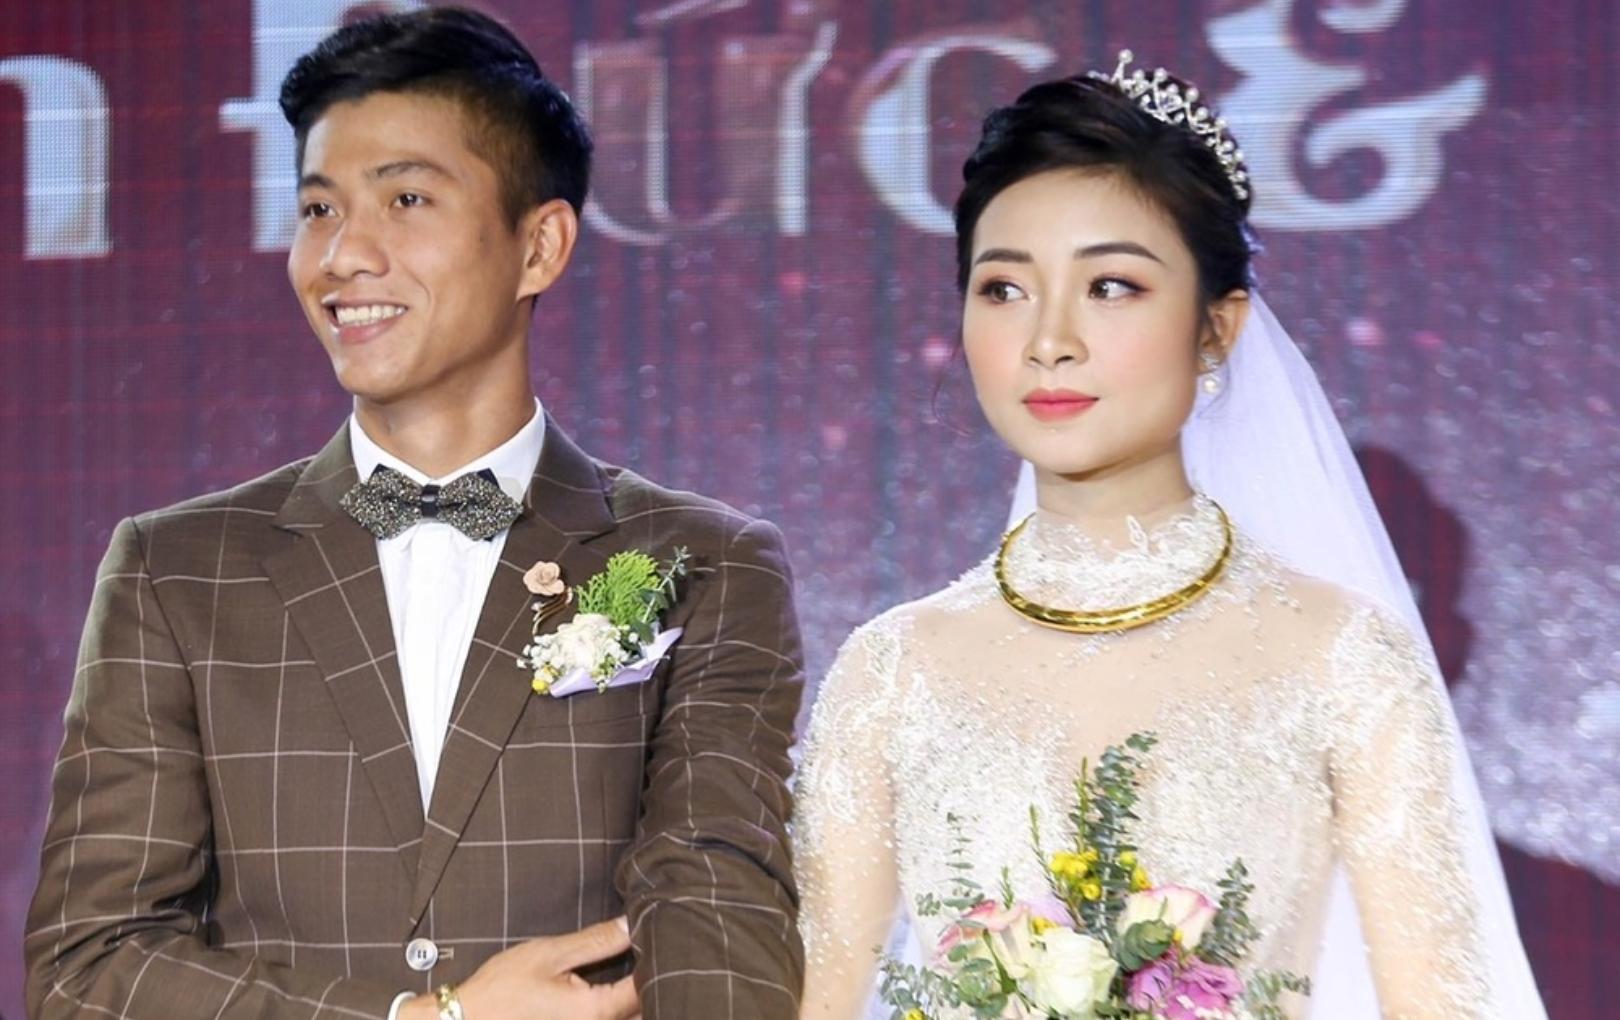 Ngay sau đám cưới, vợ Văn Đức xác nhận đang mang thai con đầu lòng